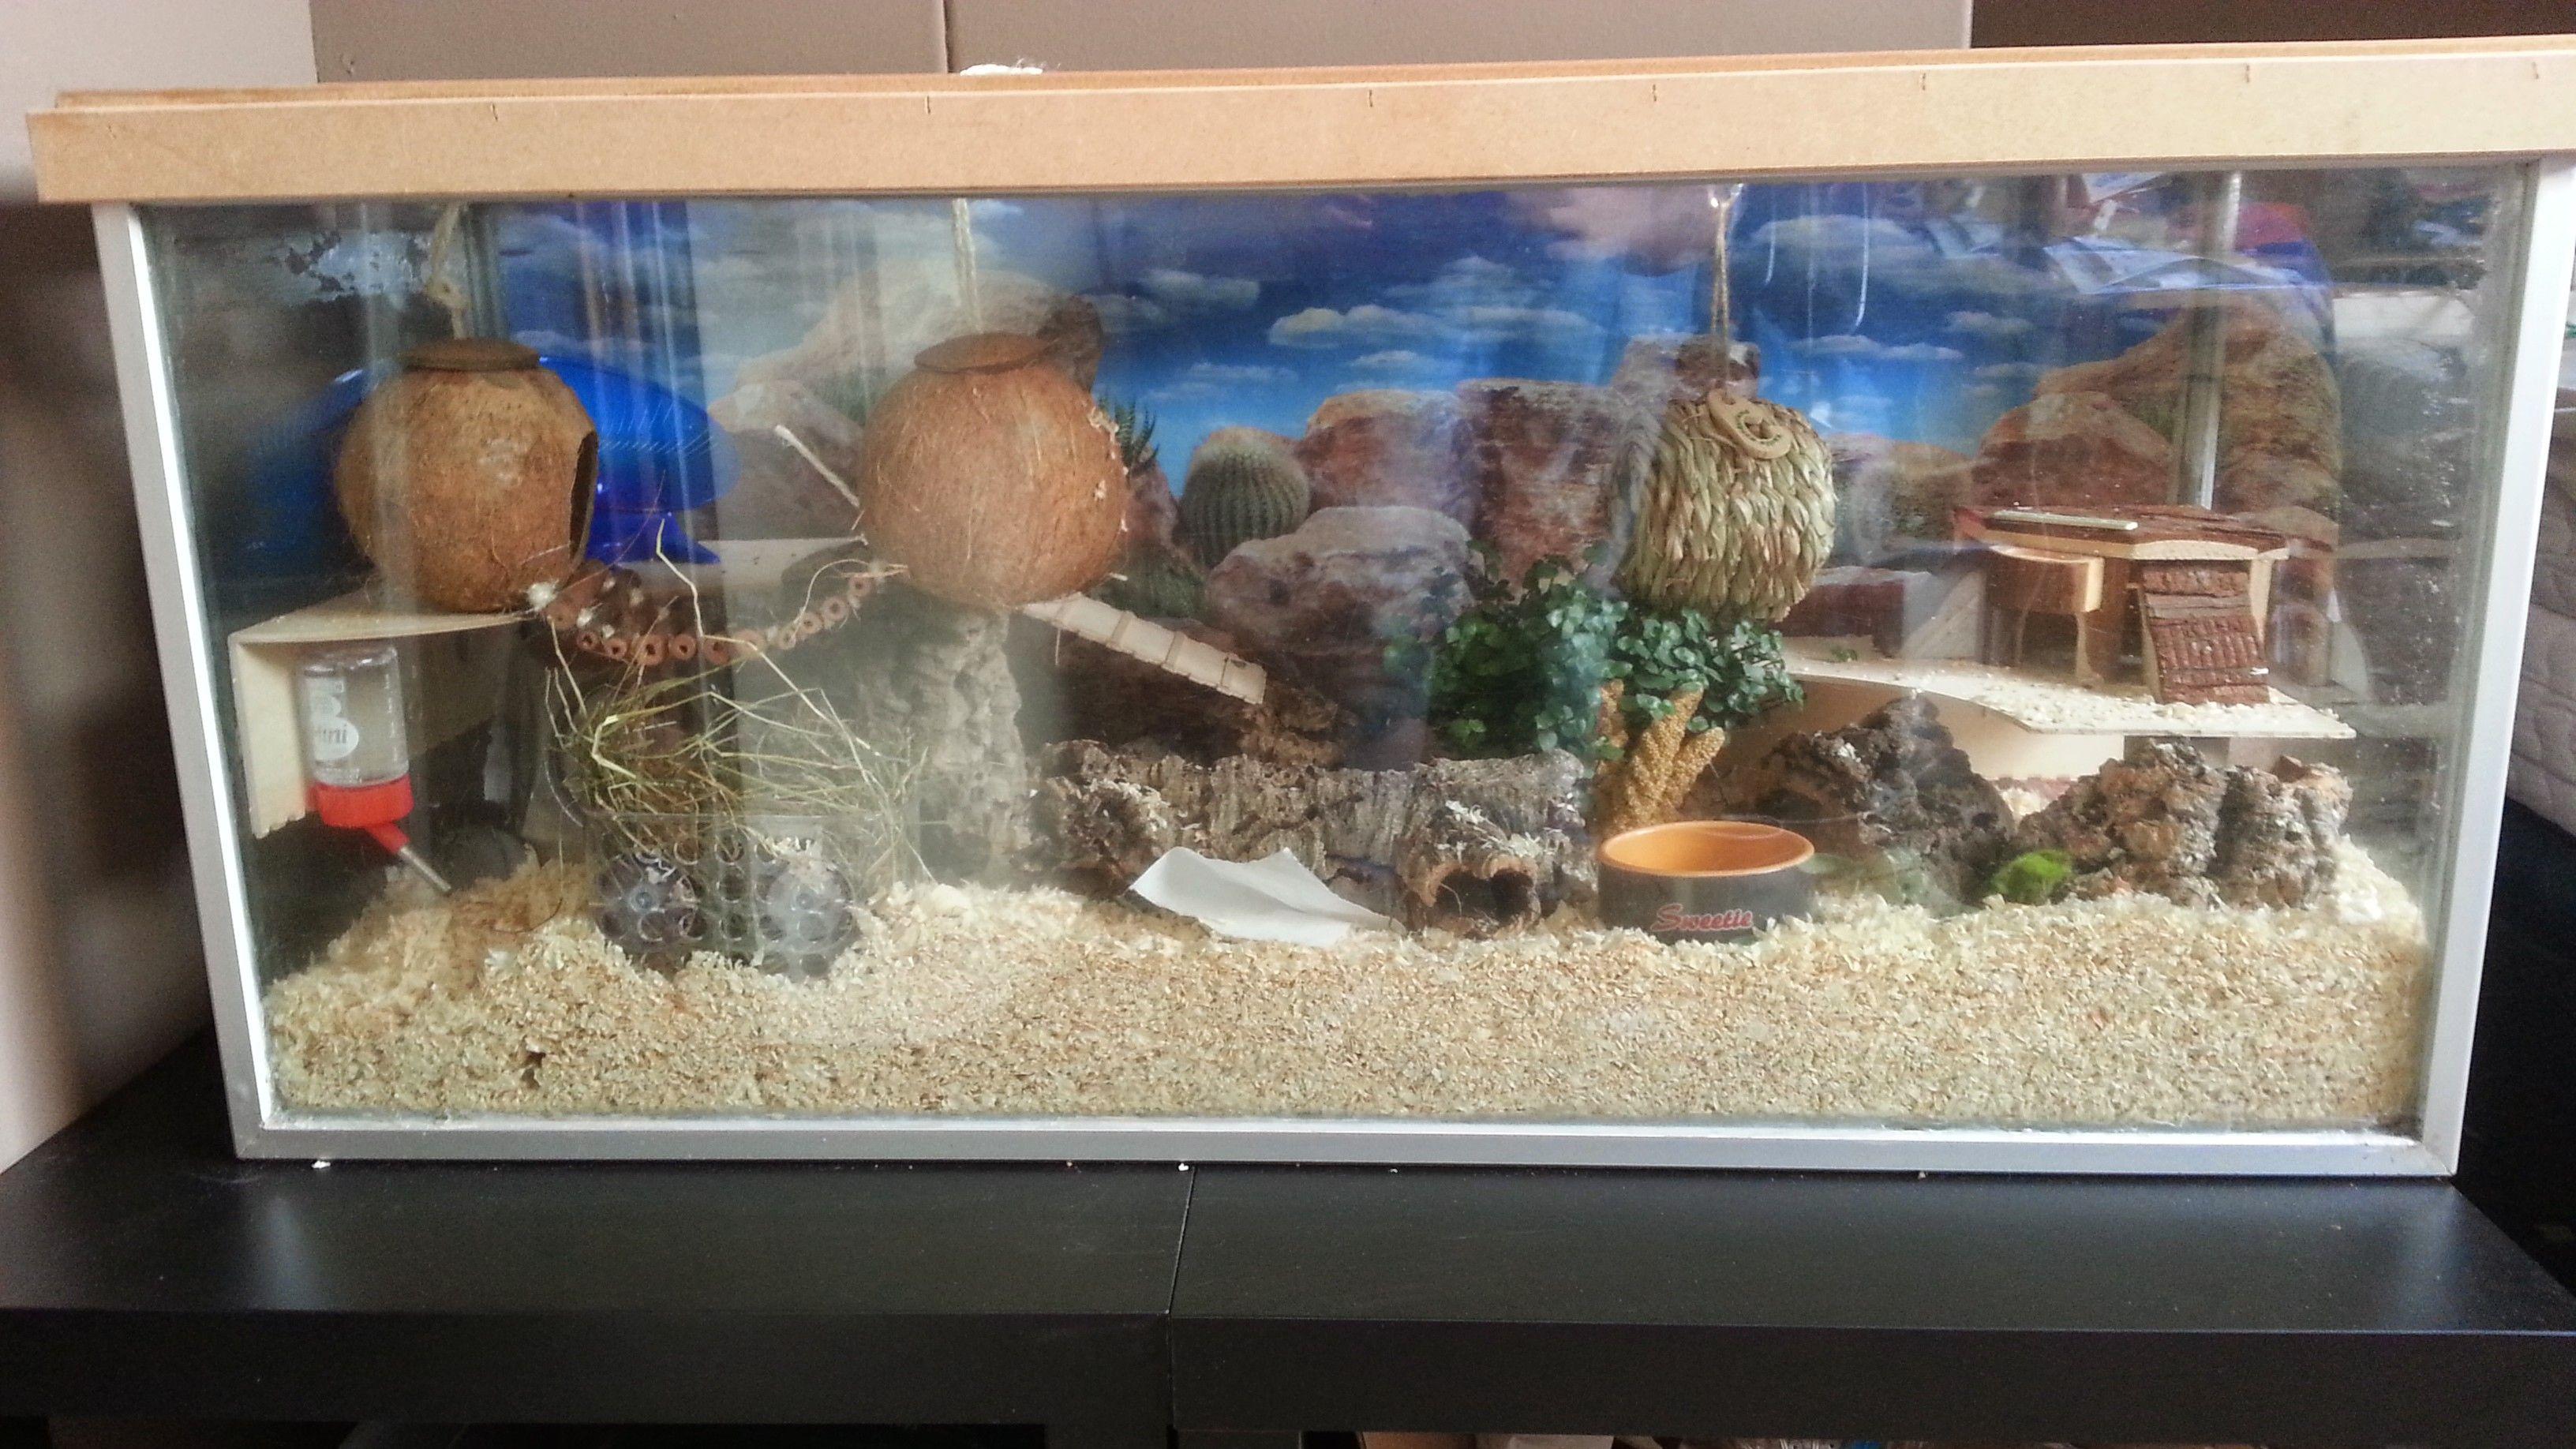 0f770d5e328f635ea2f3f87e383188b5 Frais De Aquarium Avec Meuble Schème